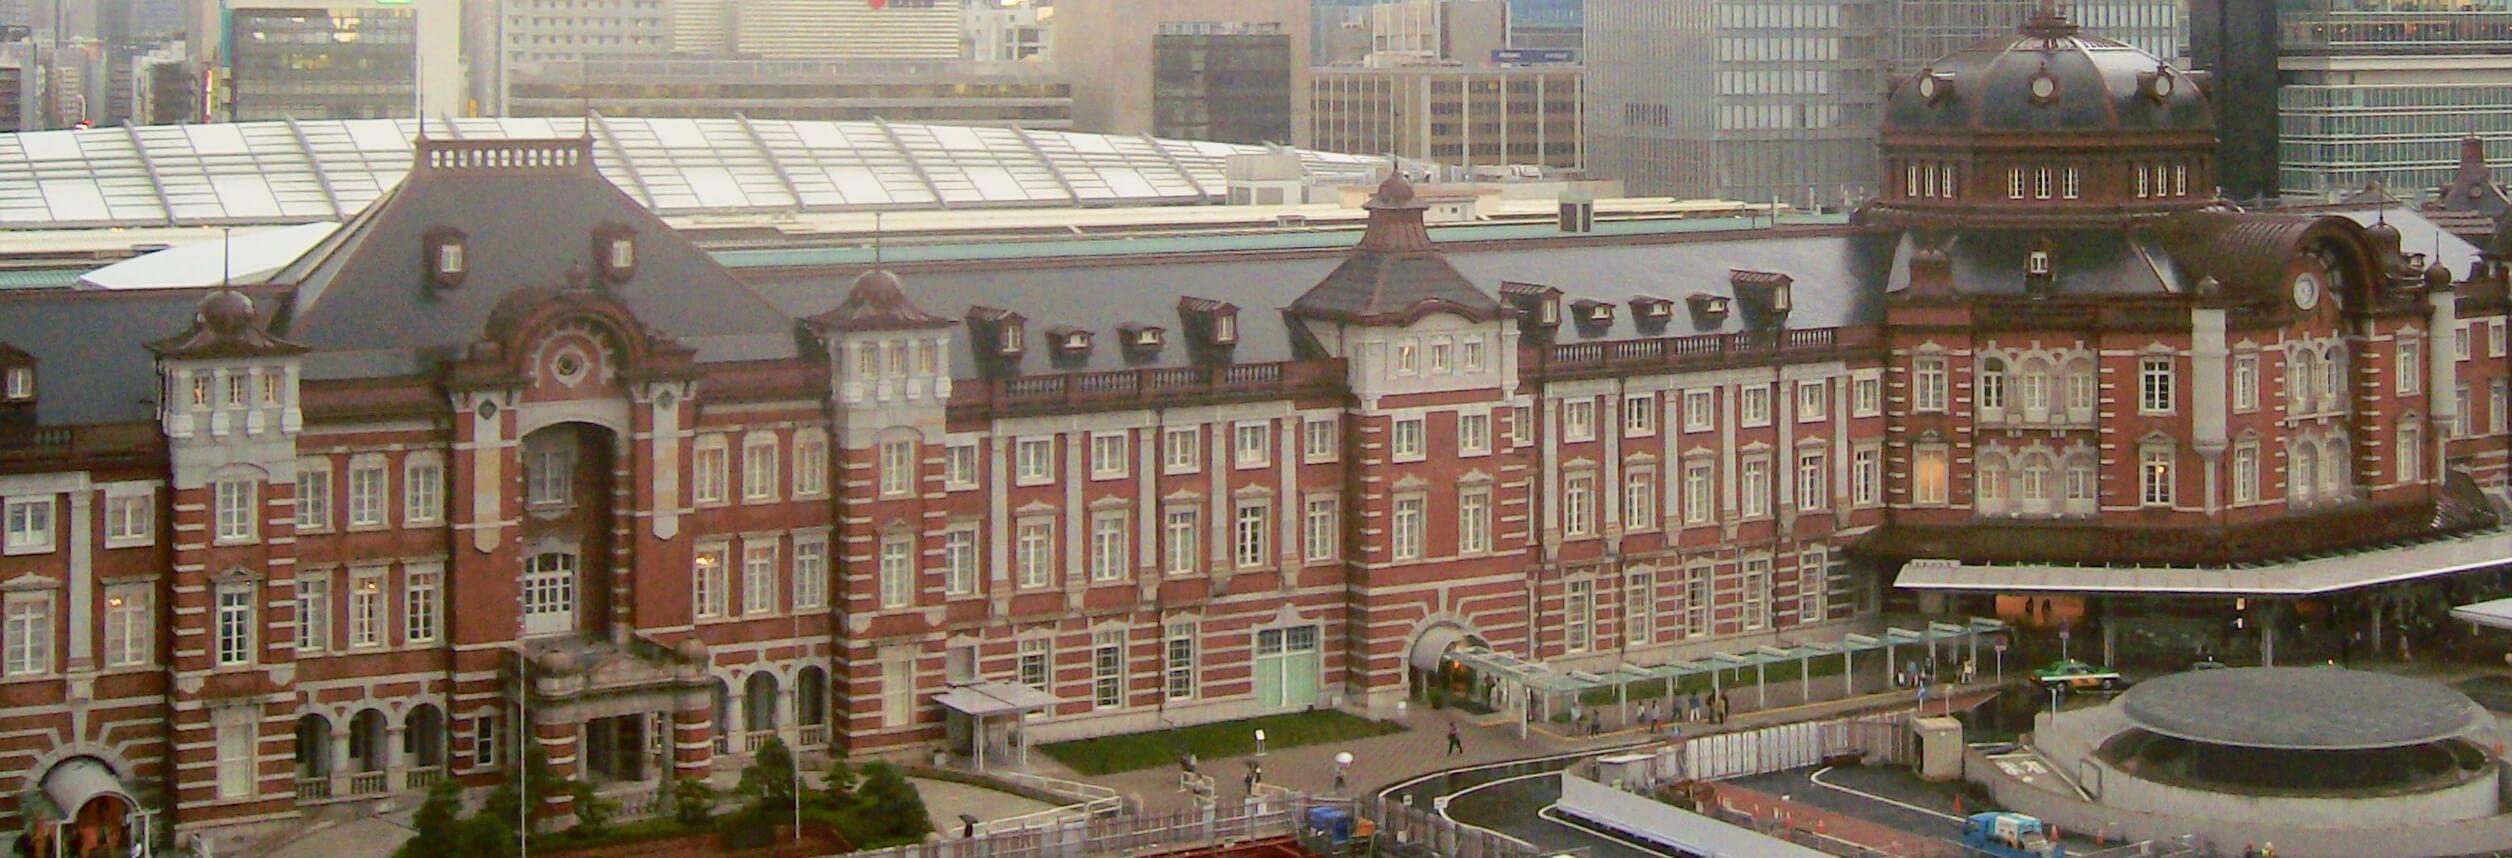 Tokyo Station, Marunouchi